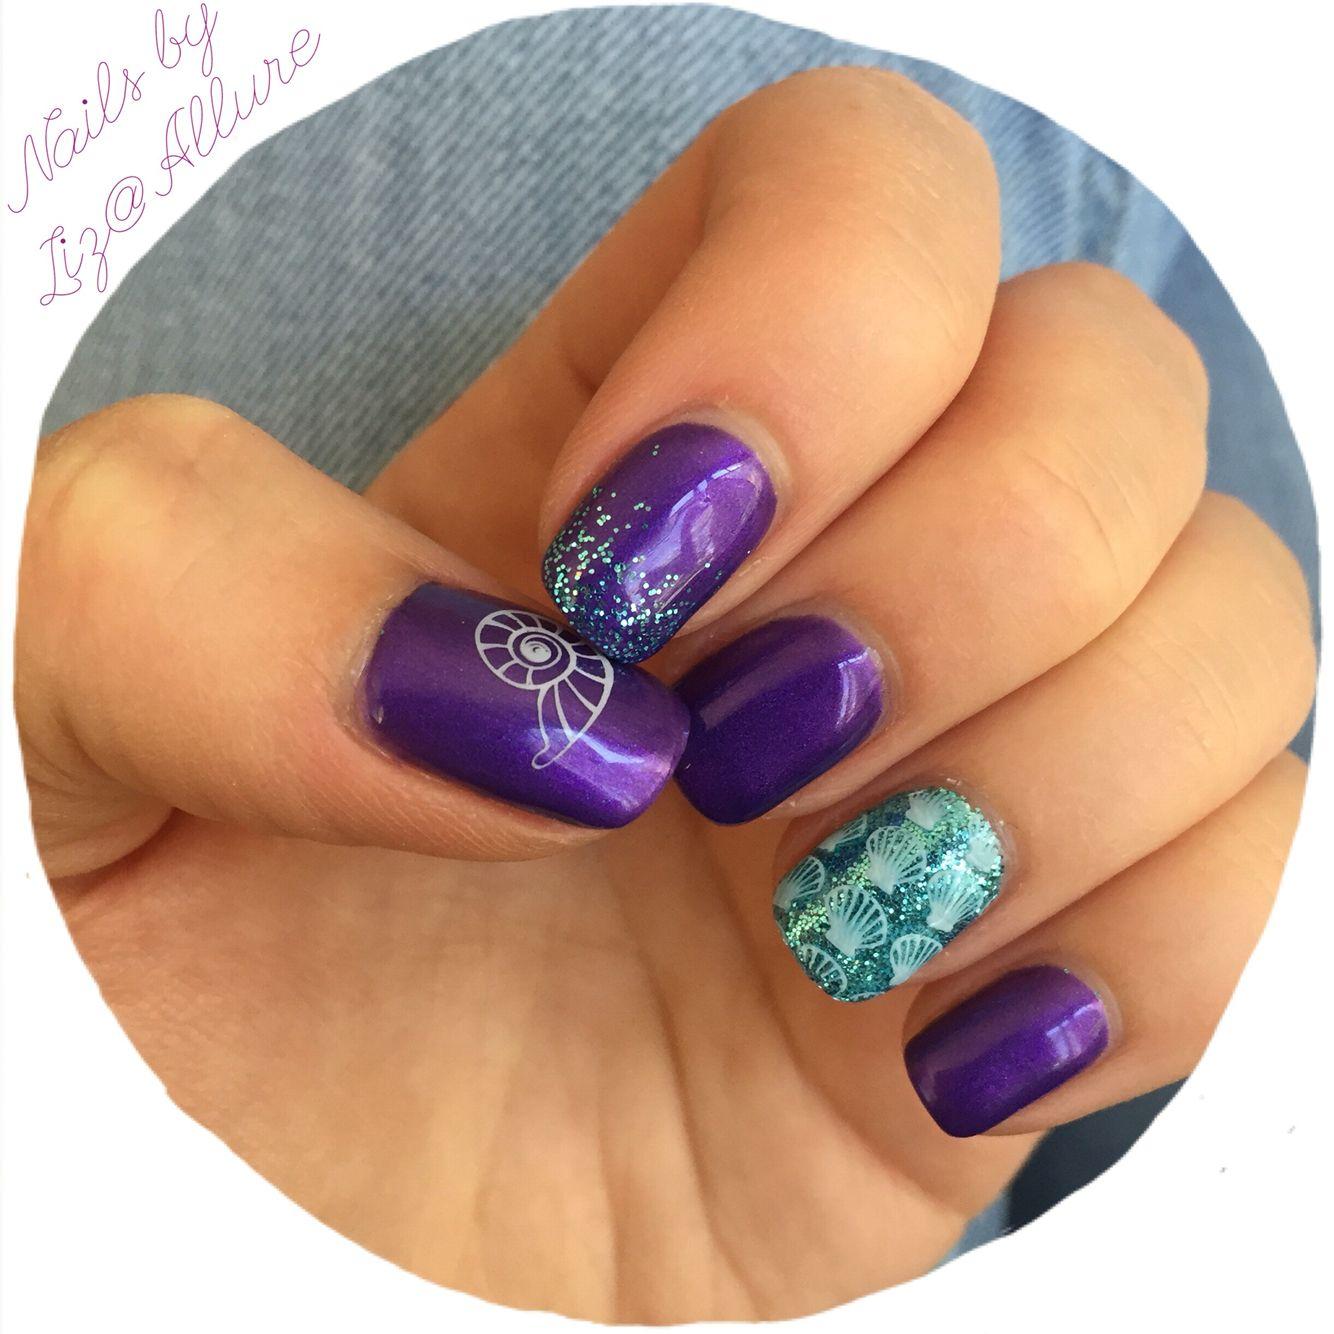 Mermaid Nails Gel Glitter Purple Aqua Liz Allure Mermaid Nails Little Mermaid Nails Nails